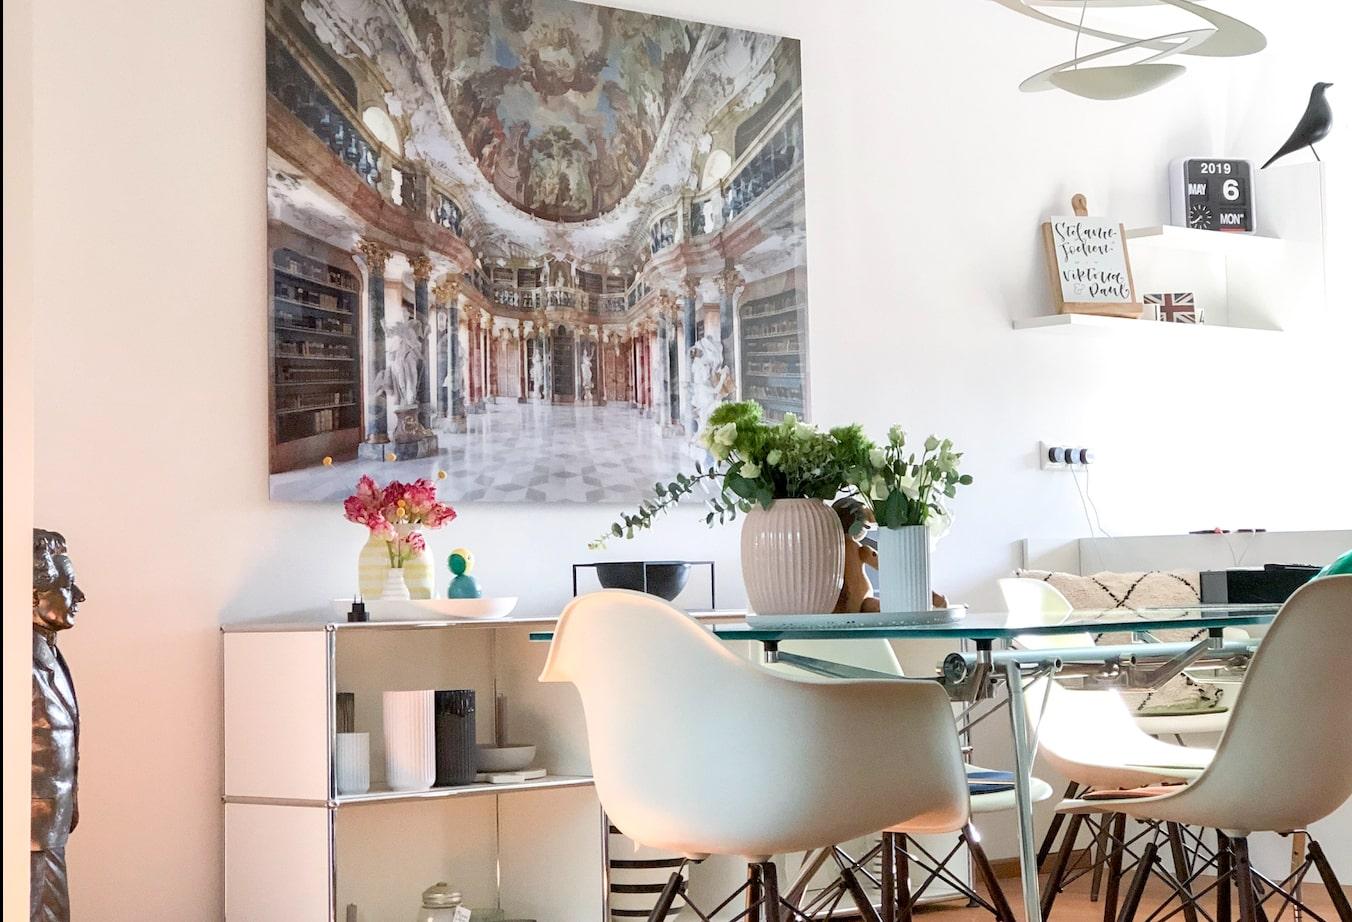 Wohnzimmer  - Zu Hause bei Steffi - Inspirationen und Wohnideen in der Homestory bei DESMONDO